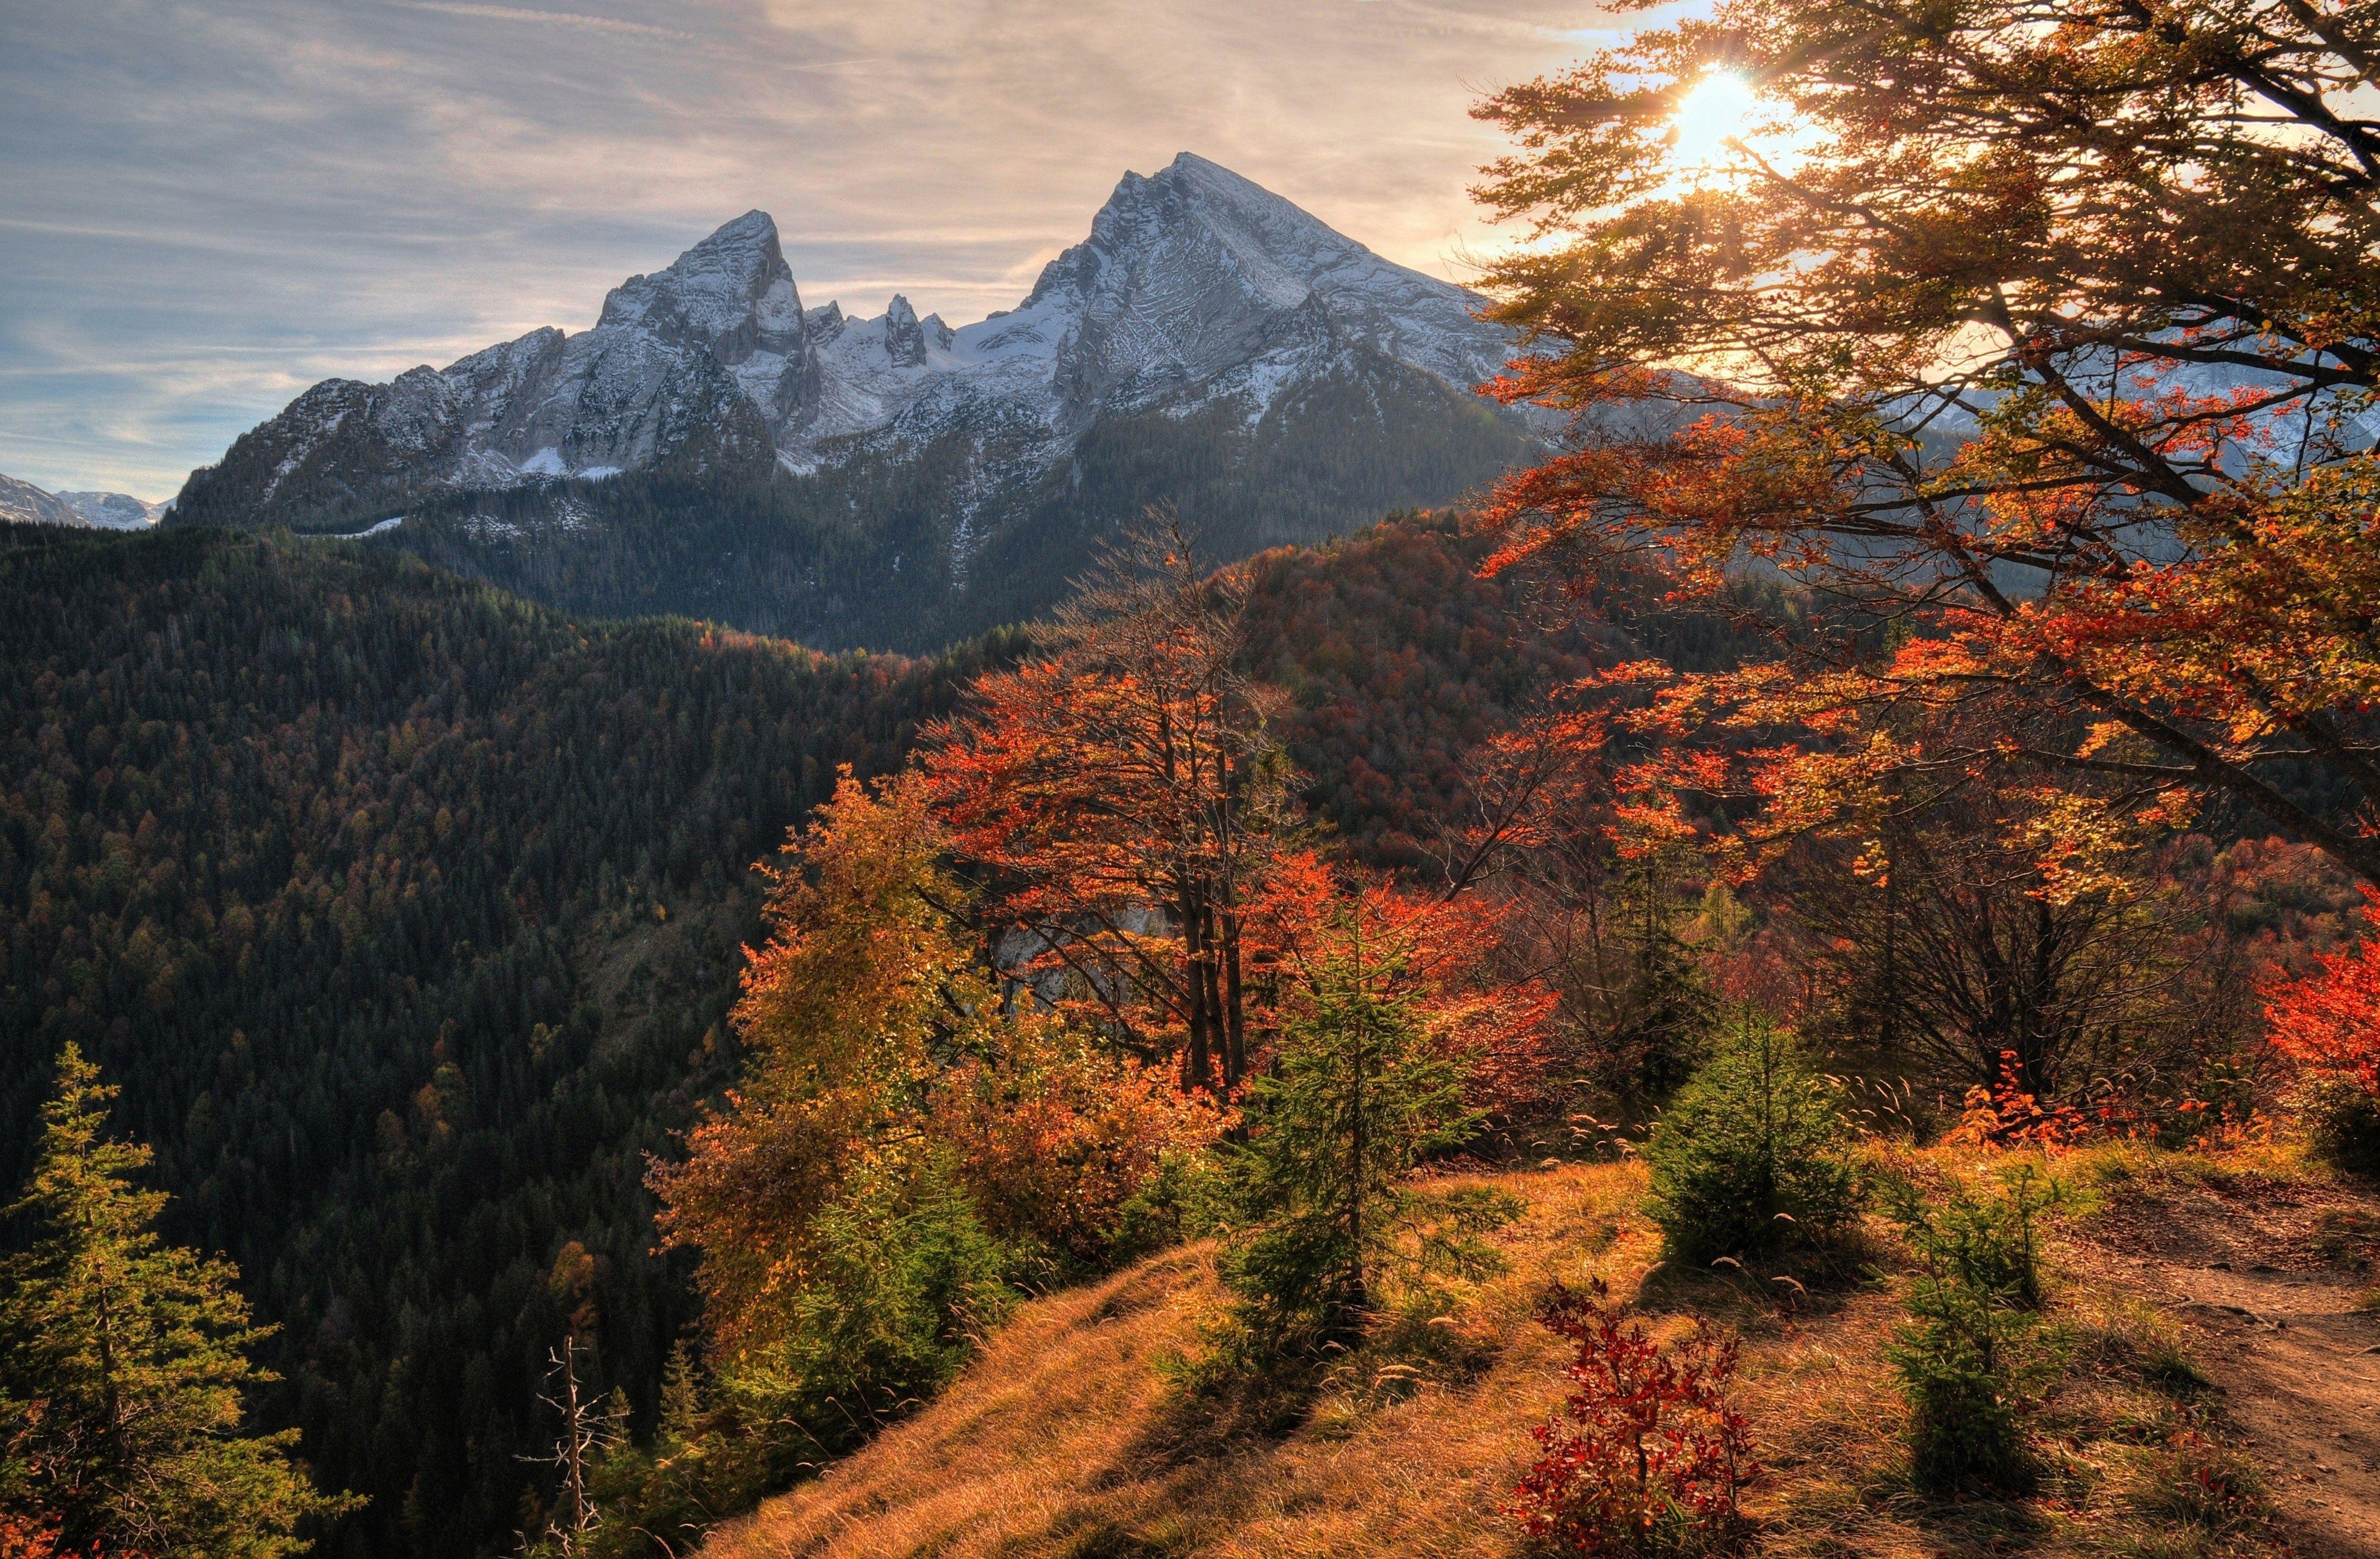 Autumn Mountain Wallpapers Top Free Autumn Mountain